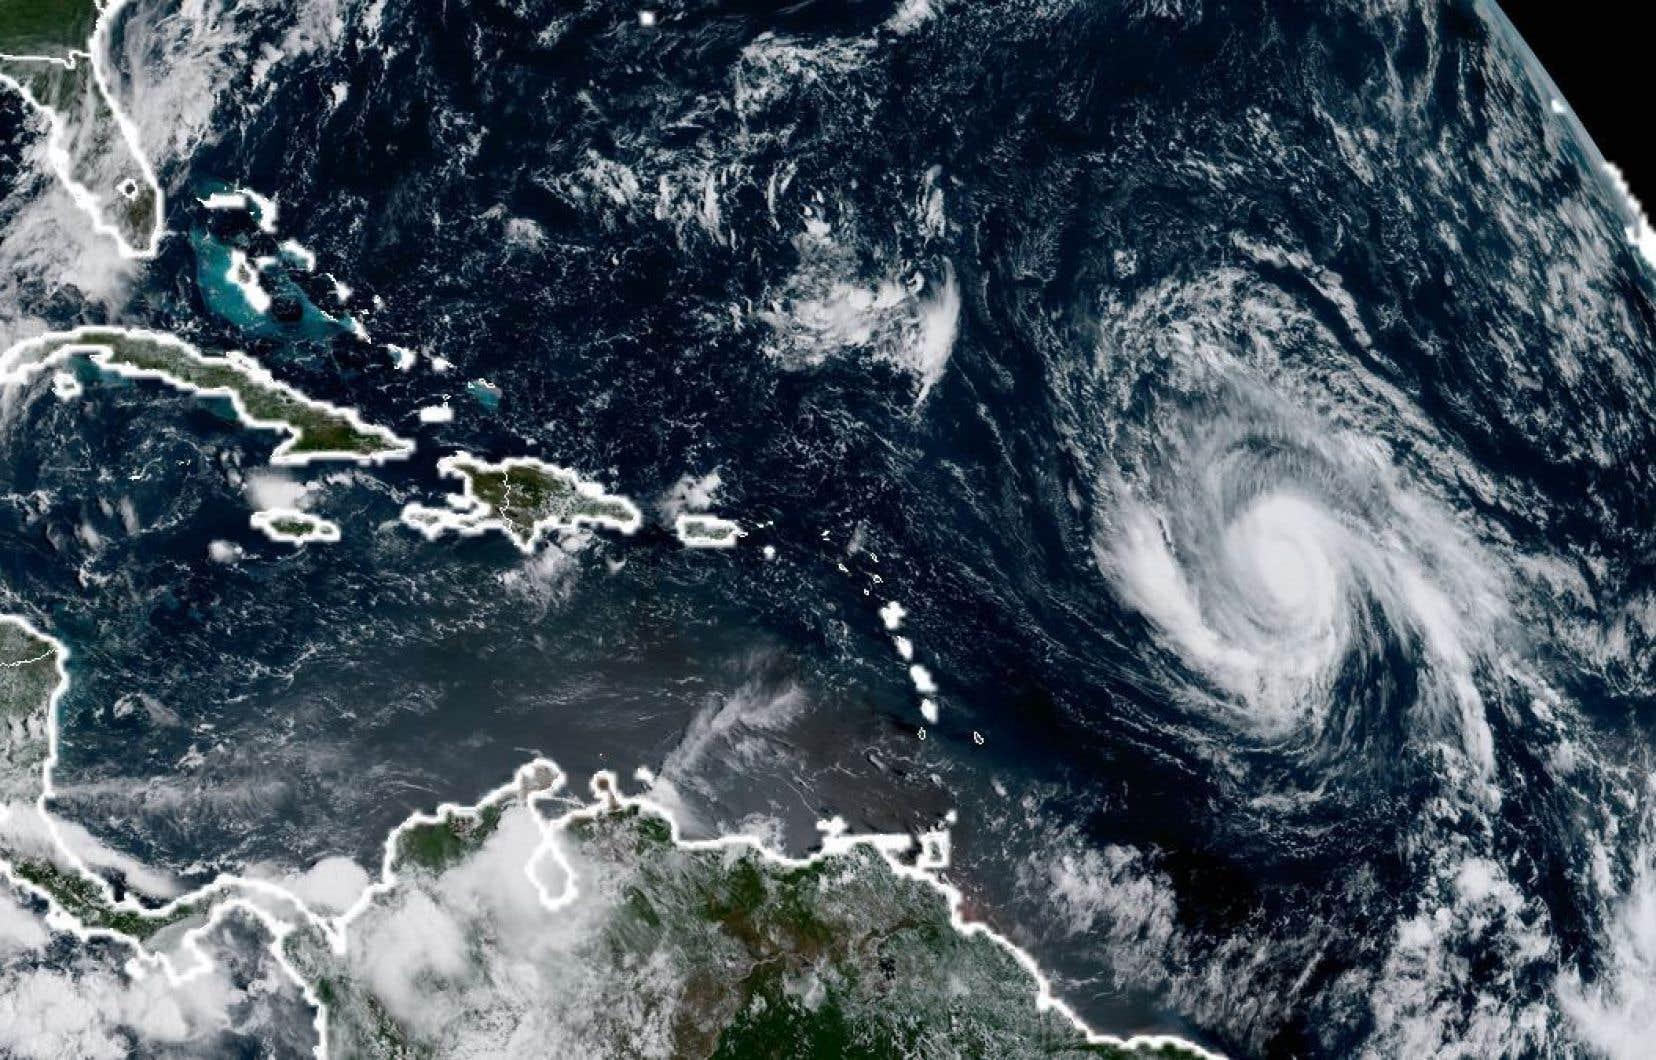 «Irma» pourrait éventuellement virer vers le nord, en direction de Porto Rico et des îles Vierges américaines.